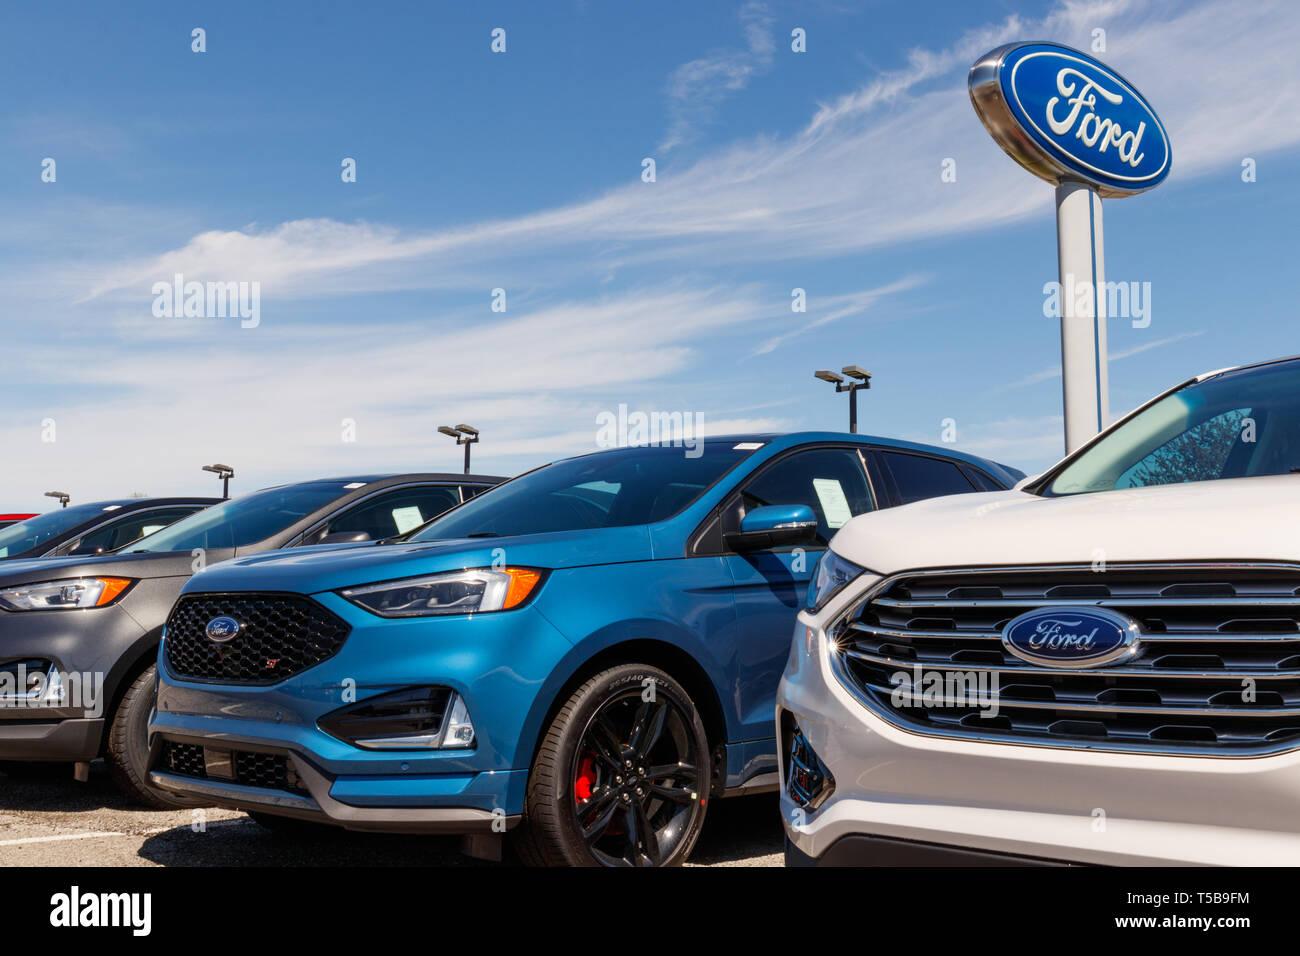 Noblesville - ca. April 2019: Ford Auto- und LKW-Händler. Ford verkauft Produkte unter dem Lincoln und Motorcraft Marken Stockbild